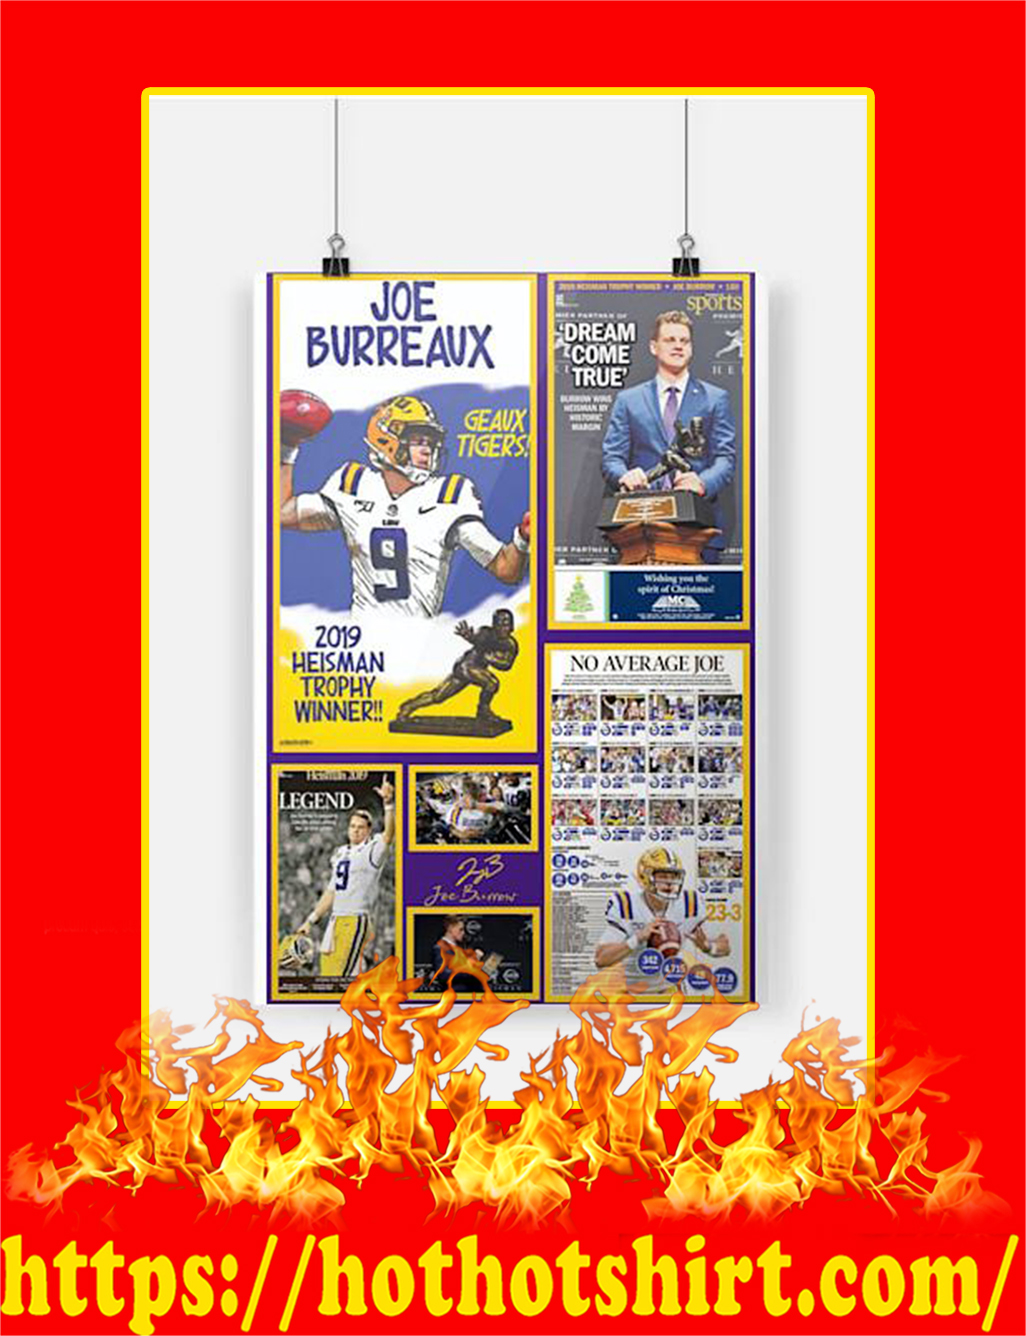 Joe Burreaux 2019 Heisman Trophy Winner Poster - A3